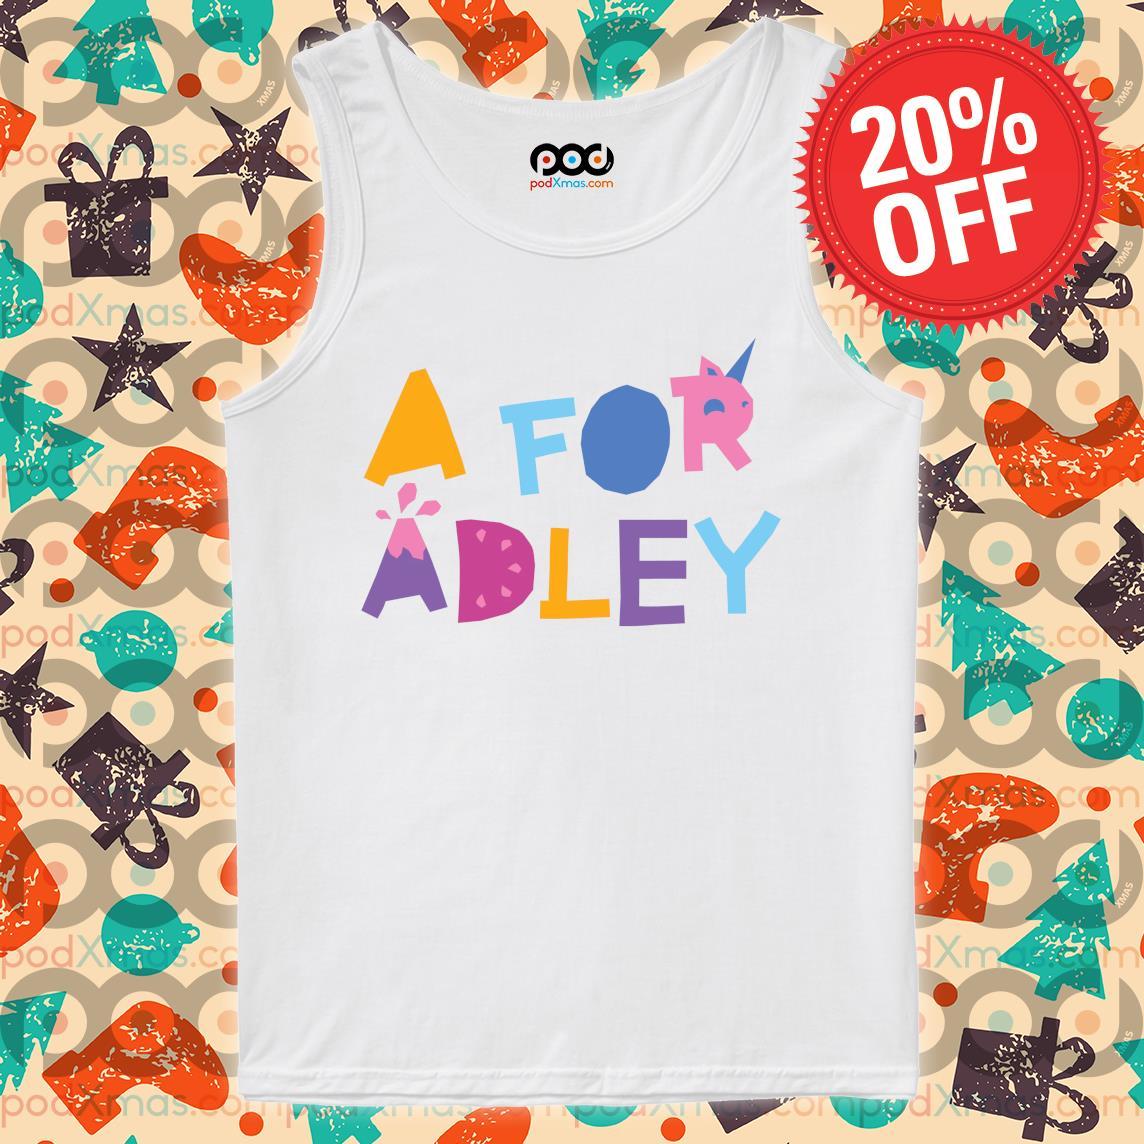 A for Adley s Tank top PODxmas trang